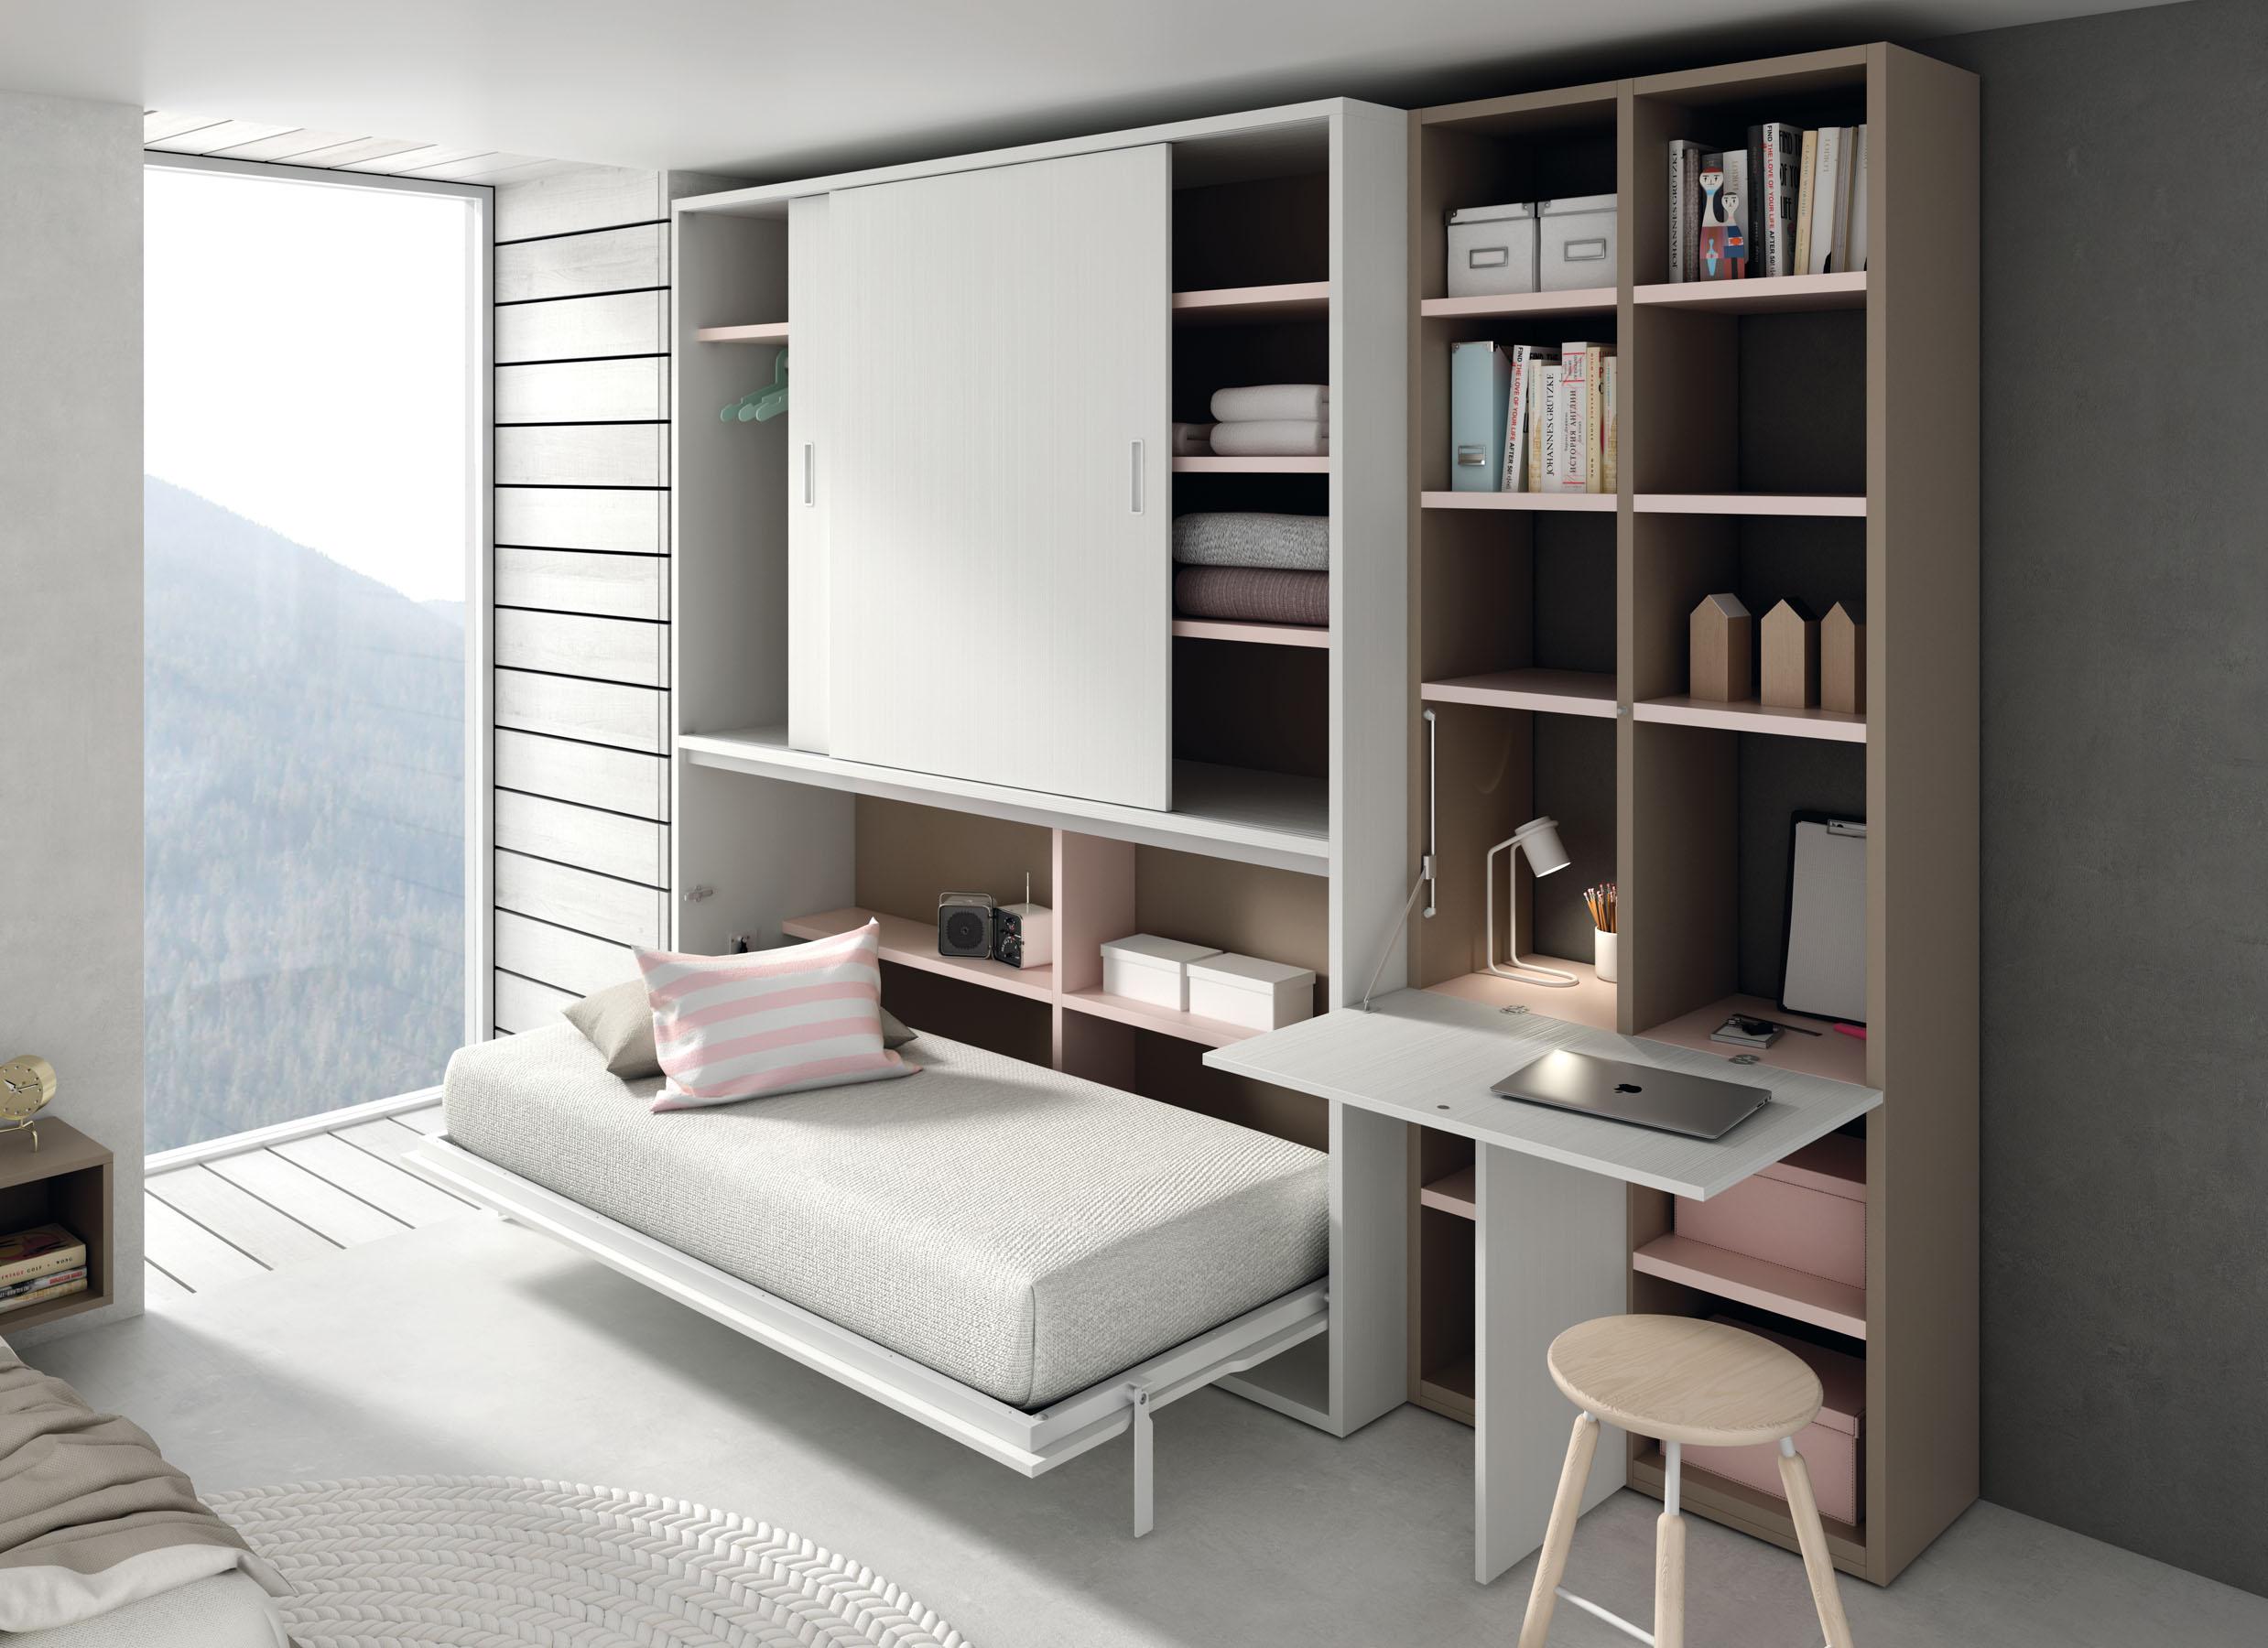 Sistemas abatibles qb tegar for Despacho con sofa cama